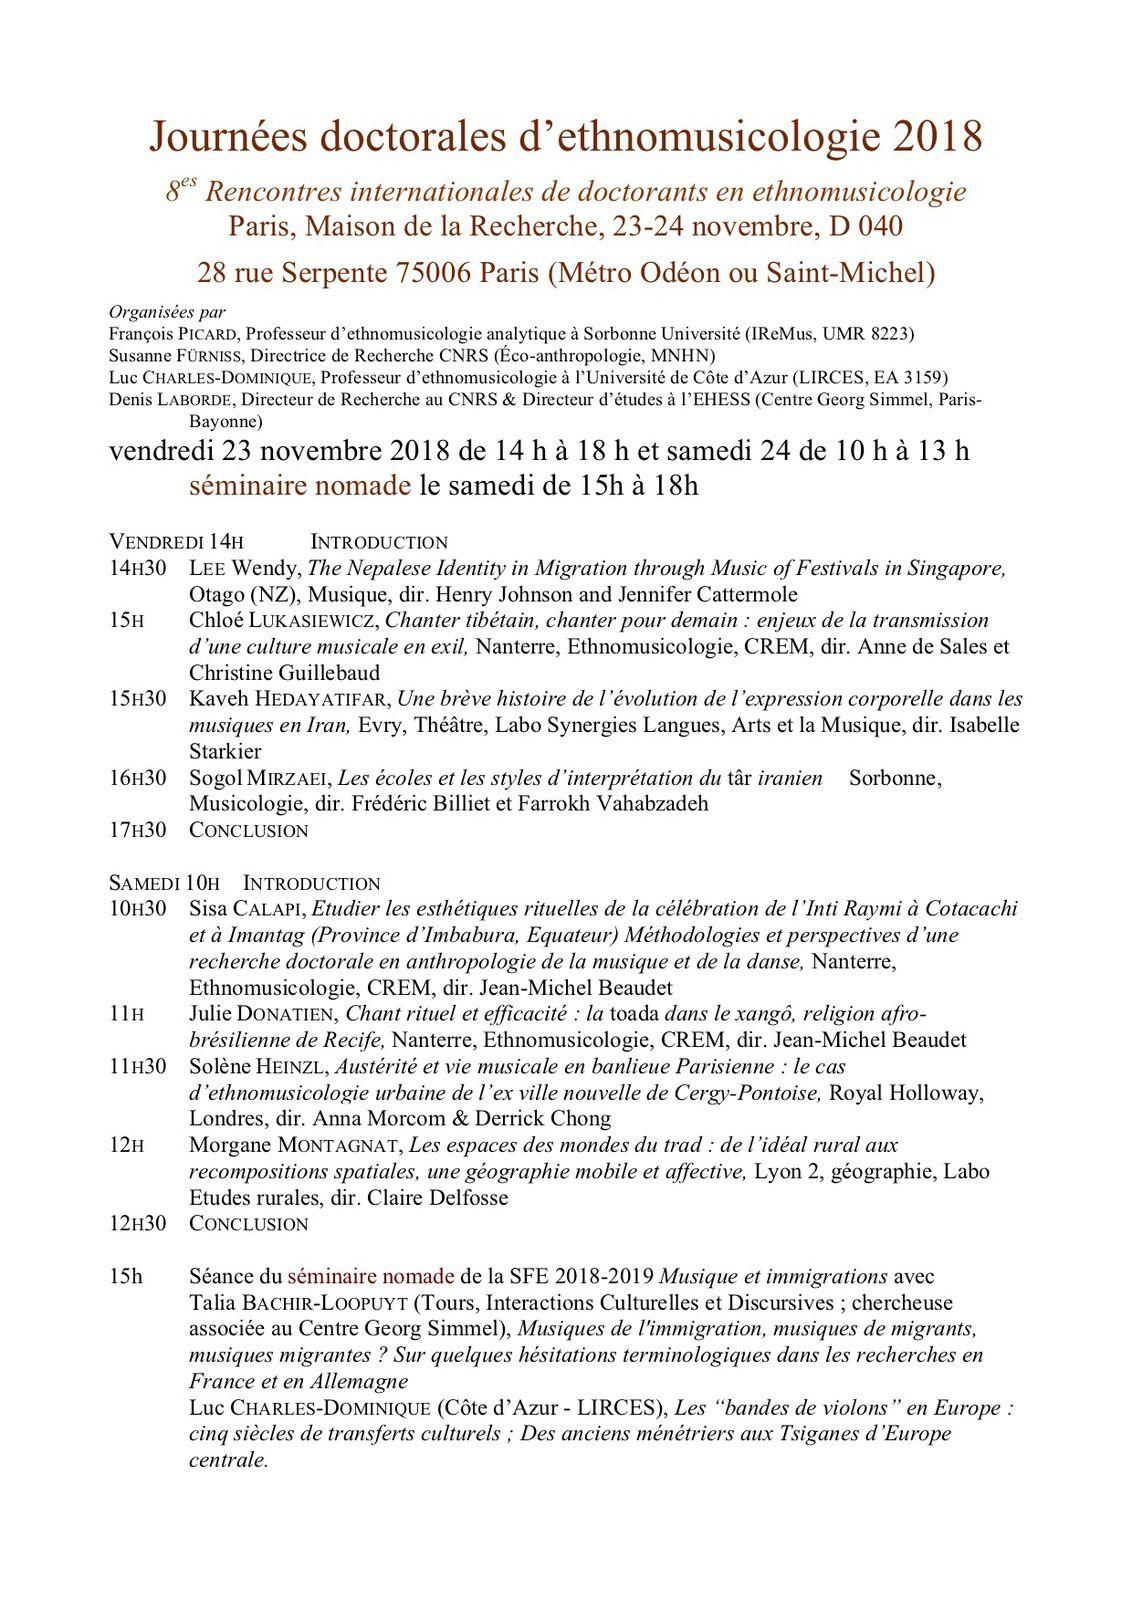 8es Rencontres internationales de doctorants en ethnomusicologie Paris, Maison de la Recherche